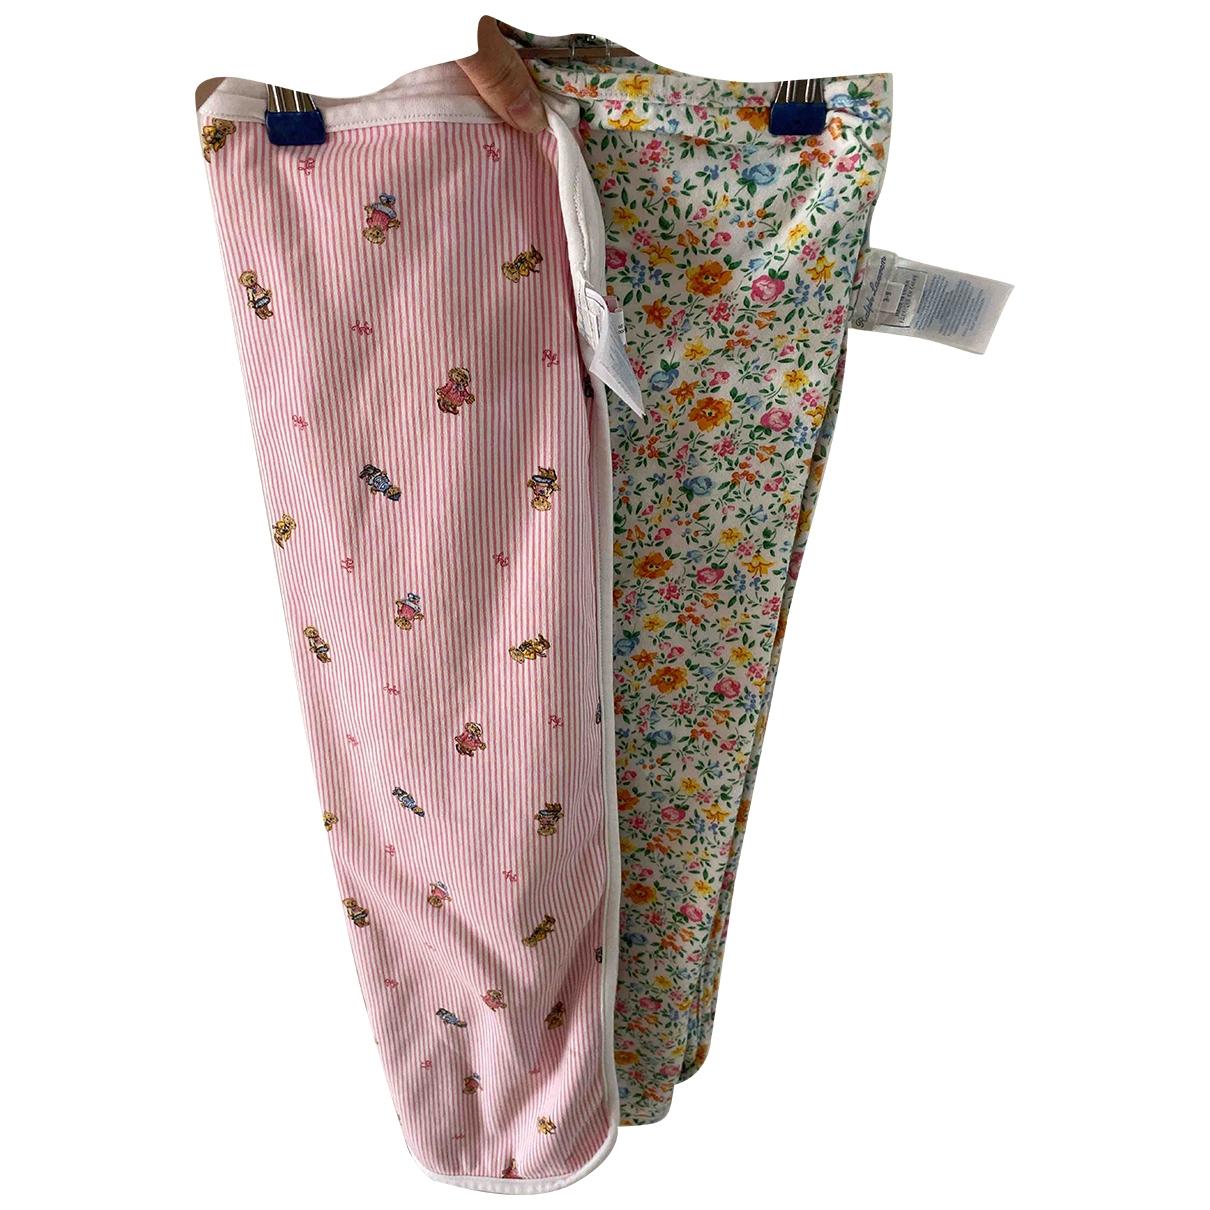 Ralph Lauren - Linge de maison   pour lifestyle en coton - rose